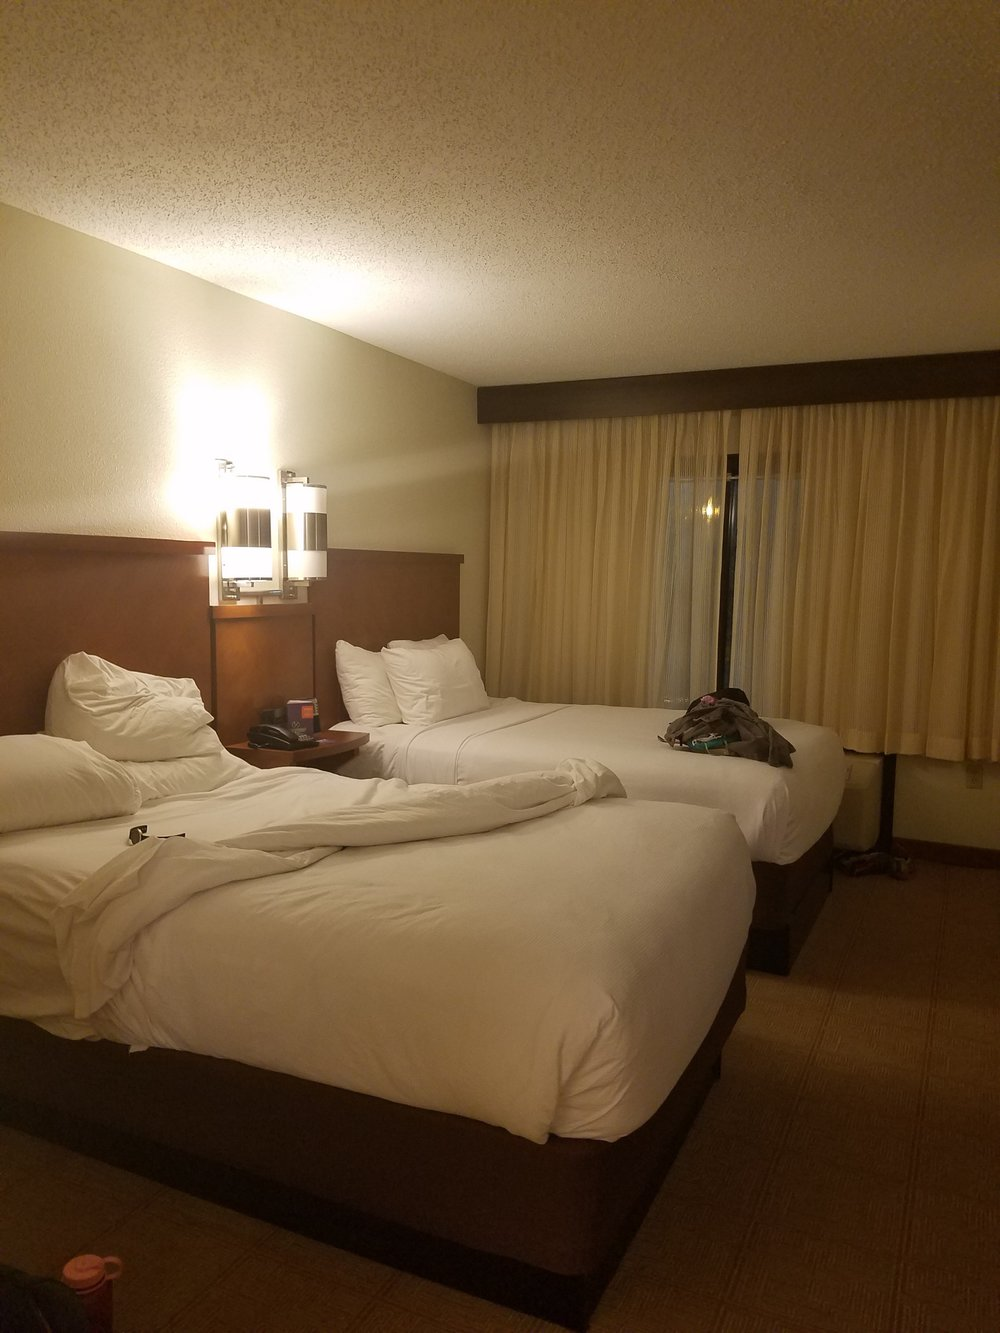 QUEEN BEDS.jpg